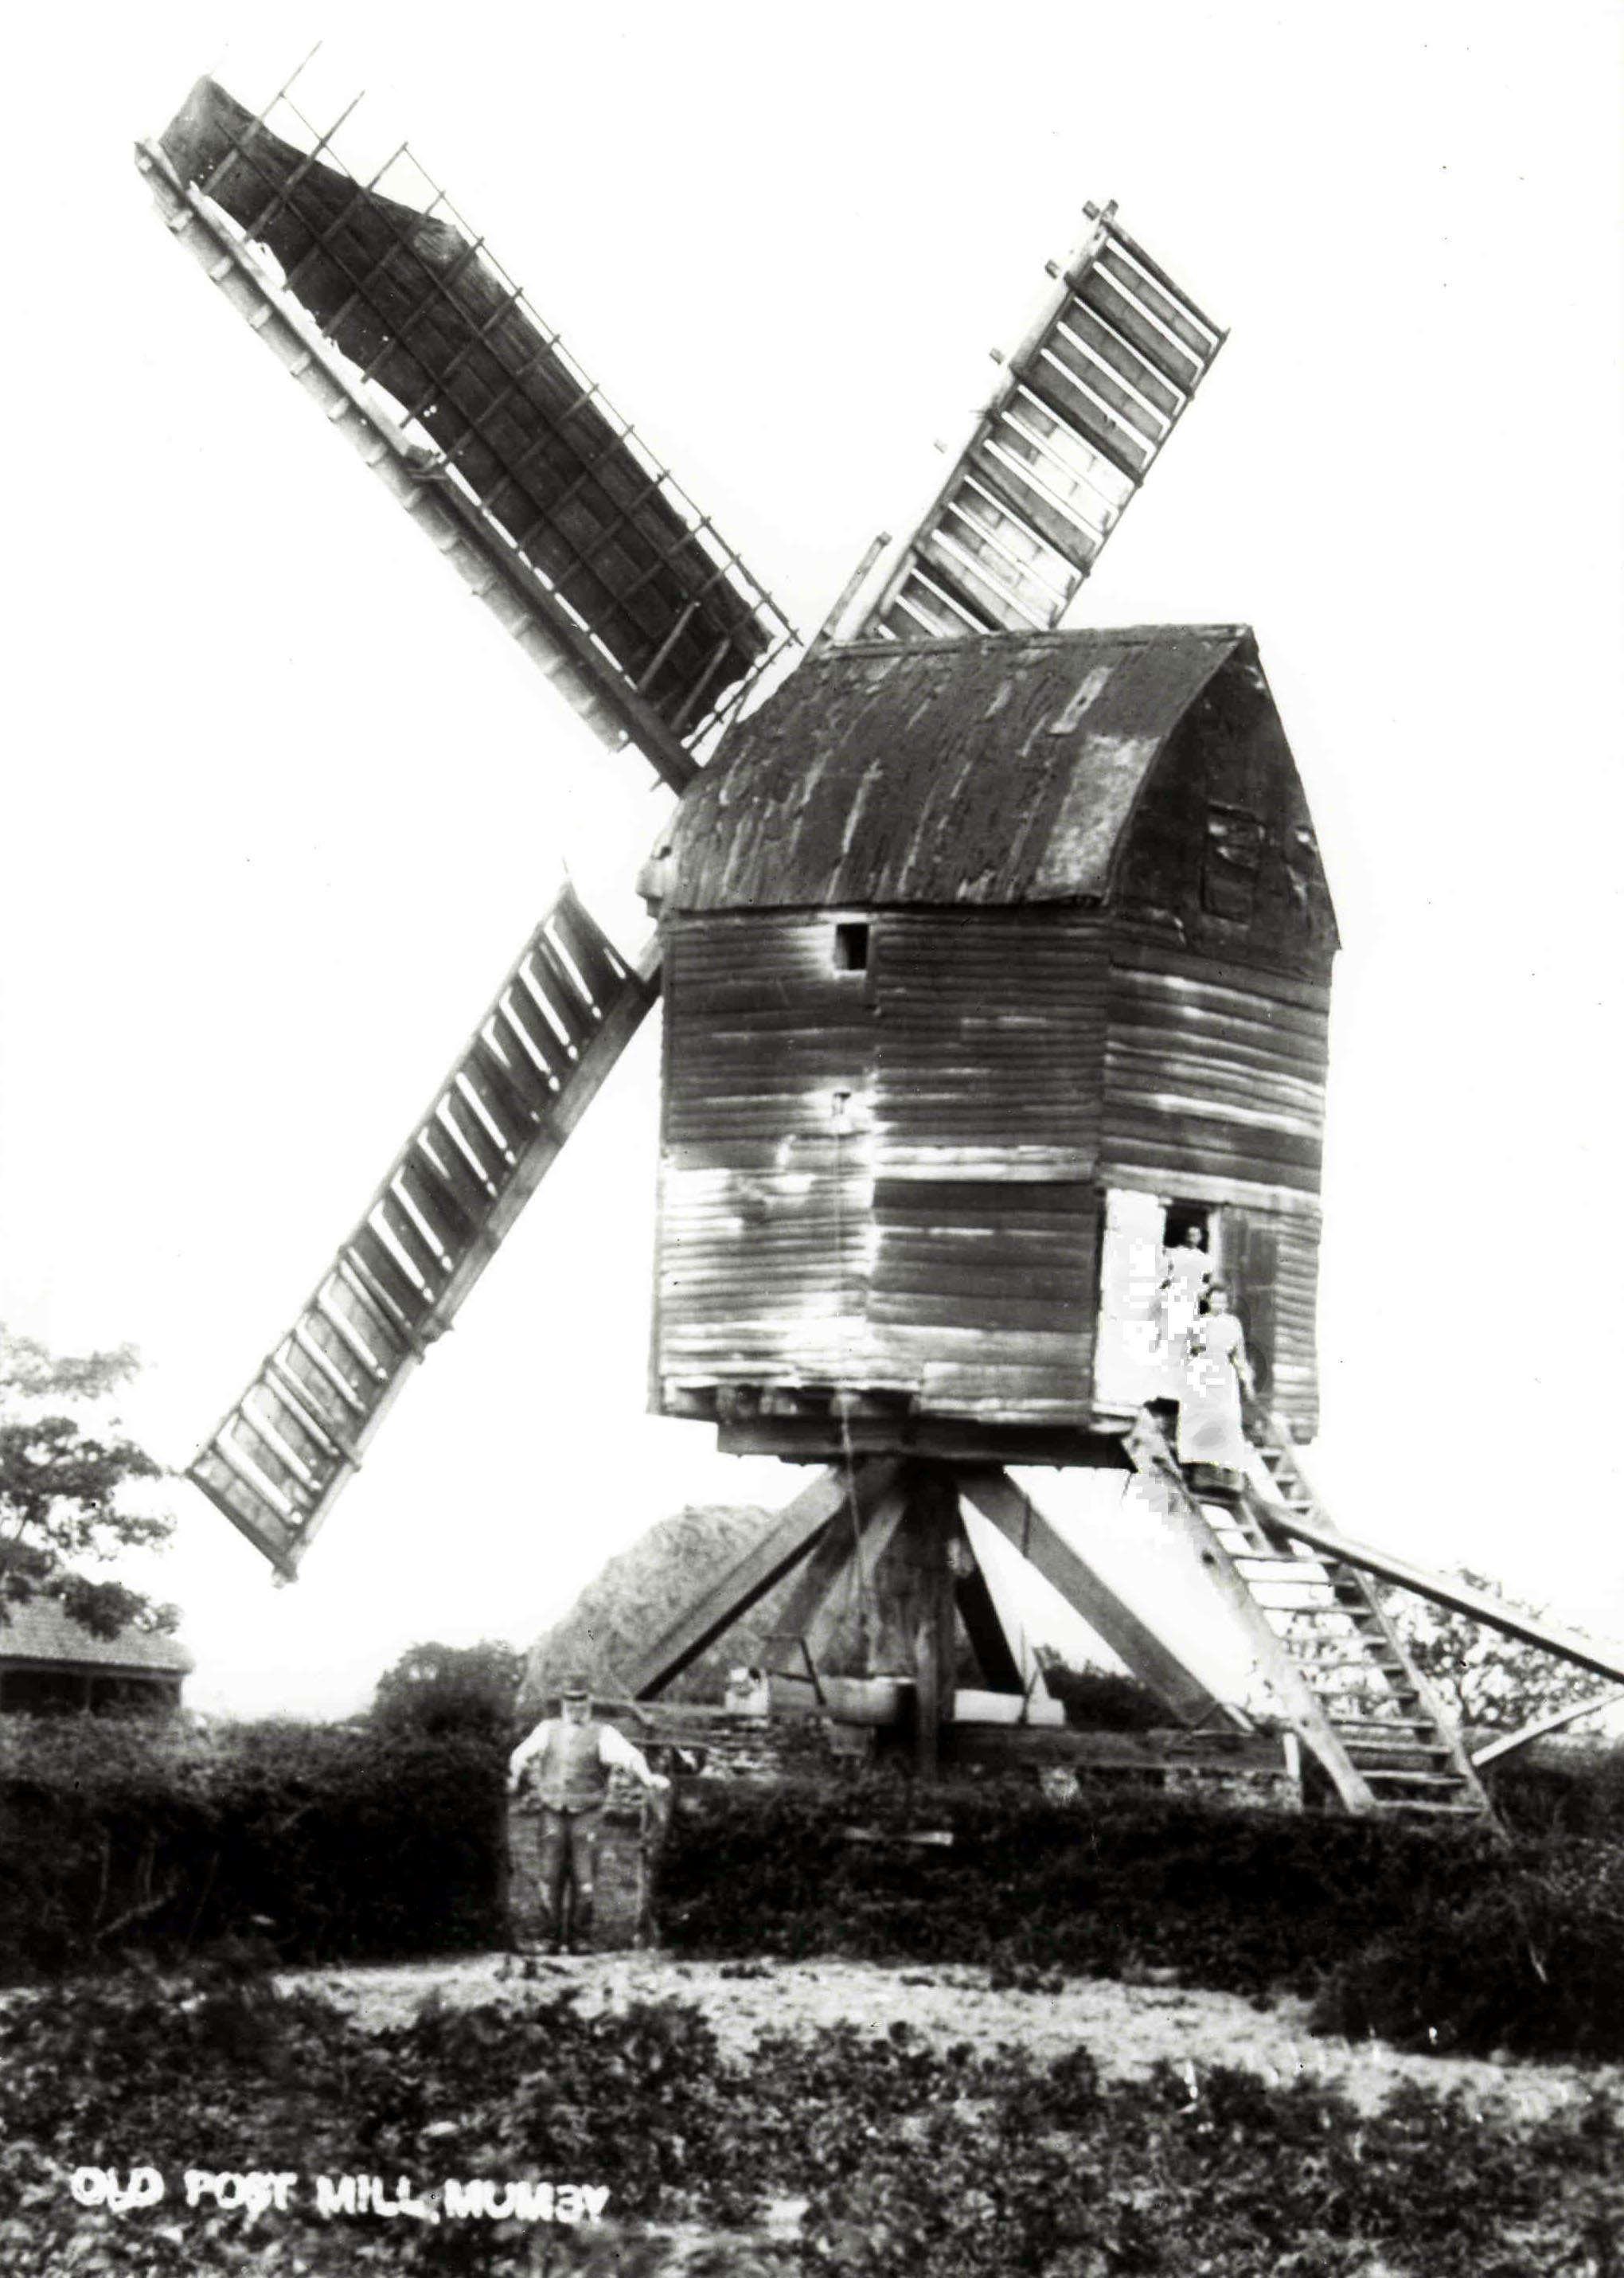 Mumby Mill